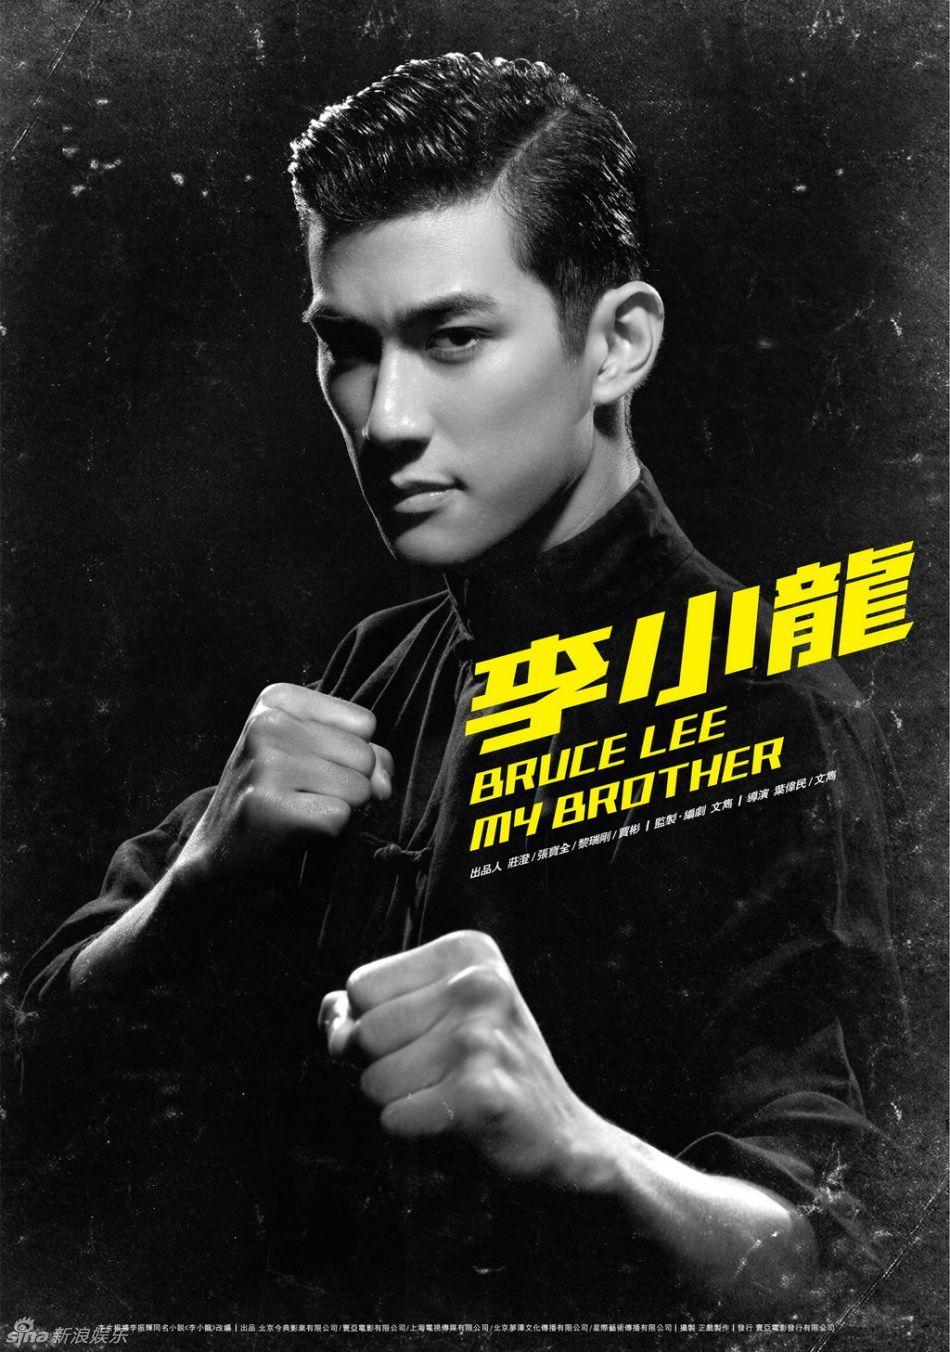 Bruce Lee Film